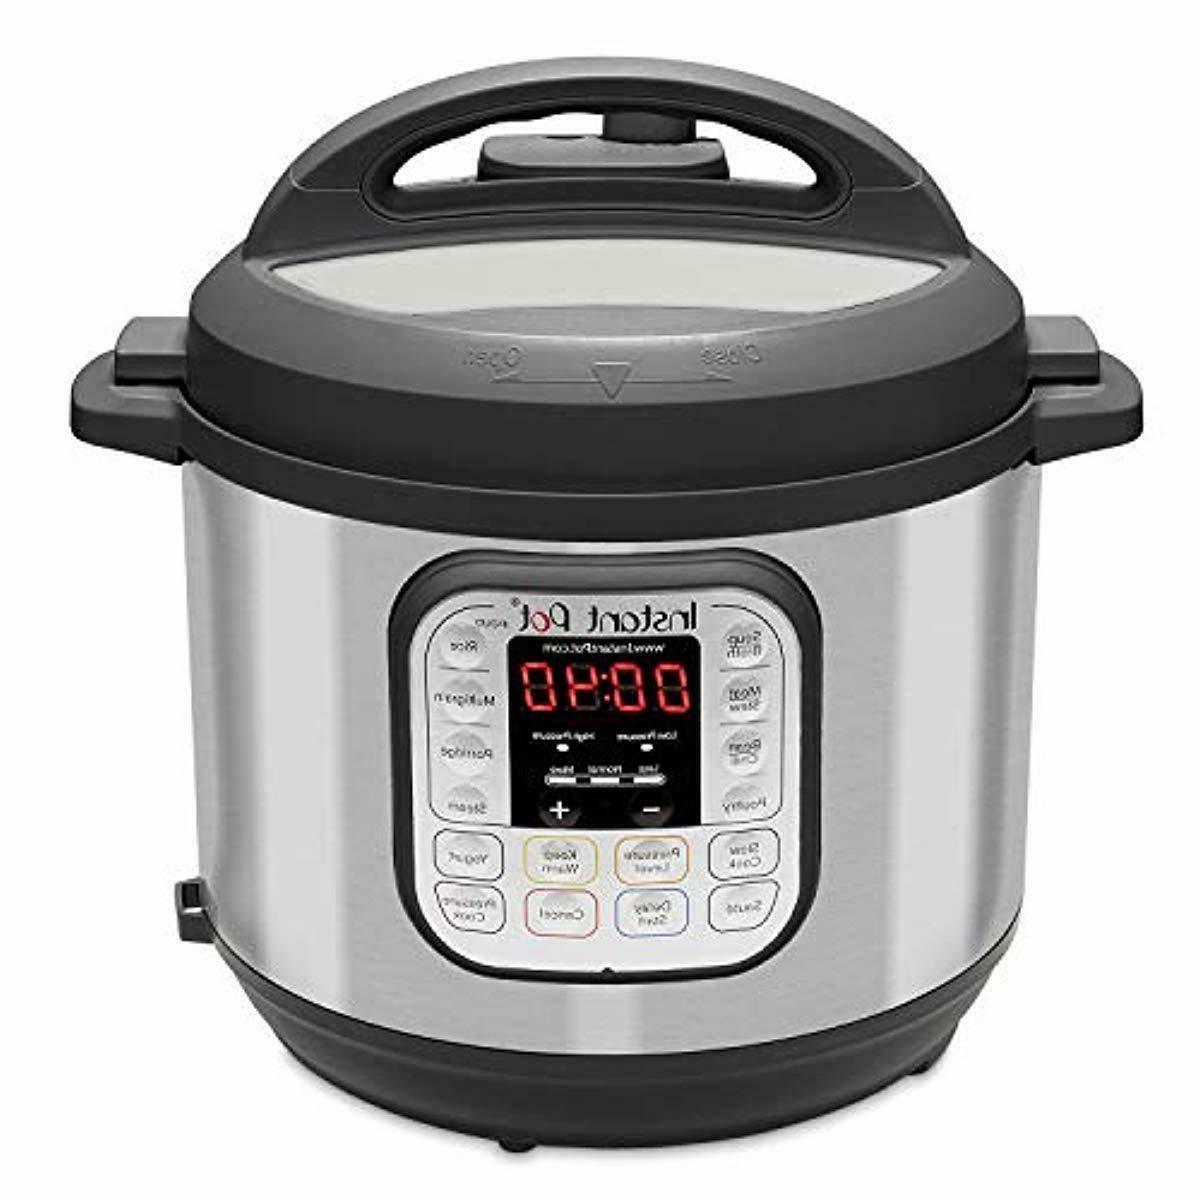 Instant Pot DUO60 7-in-1 Pressure Slow